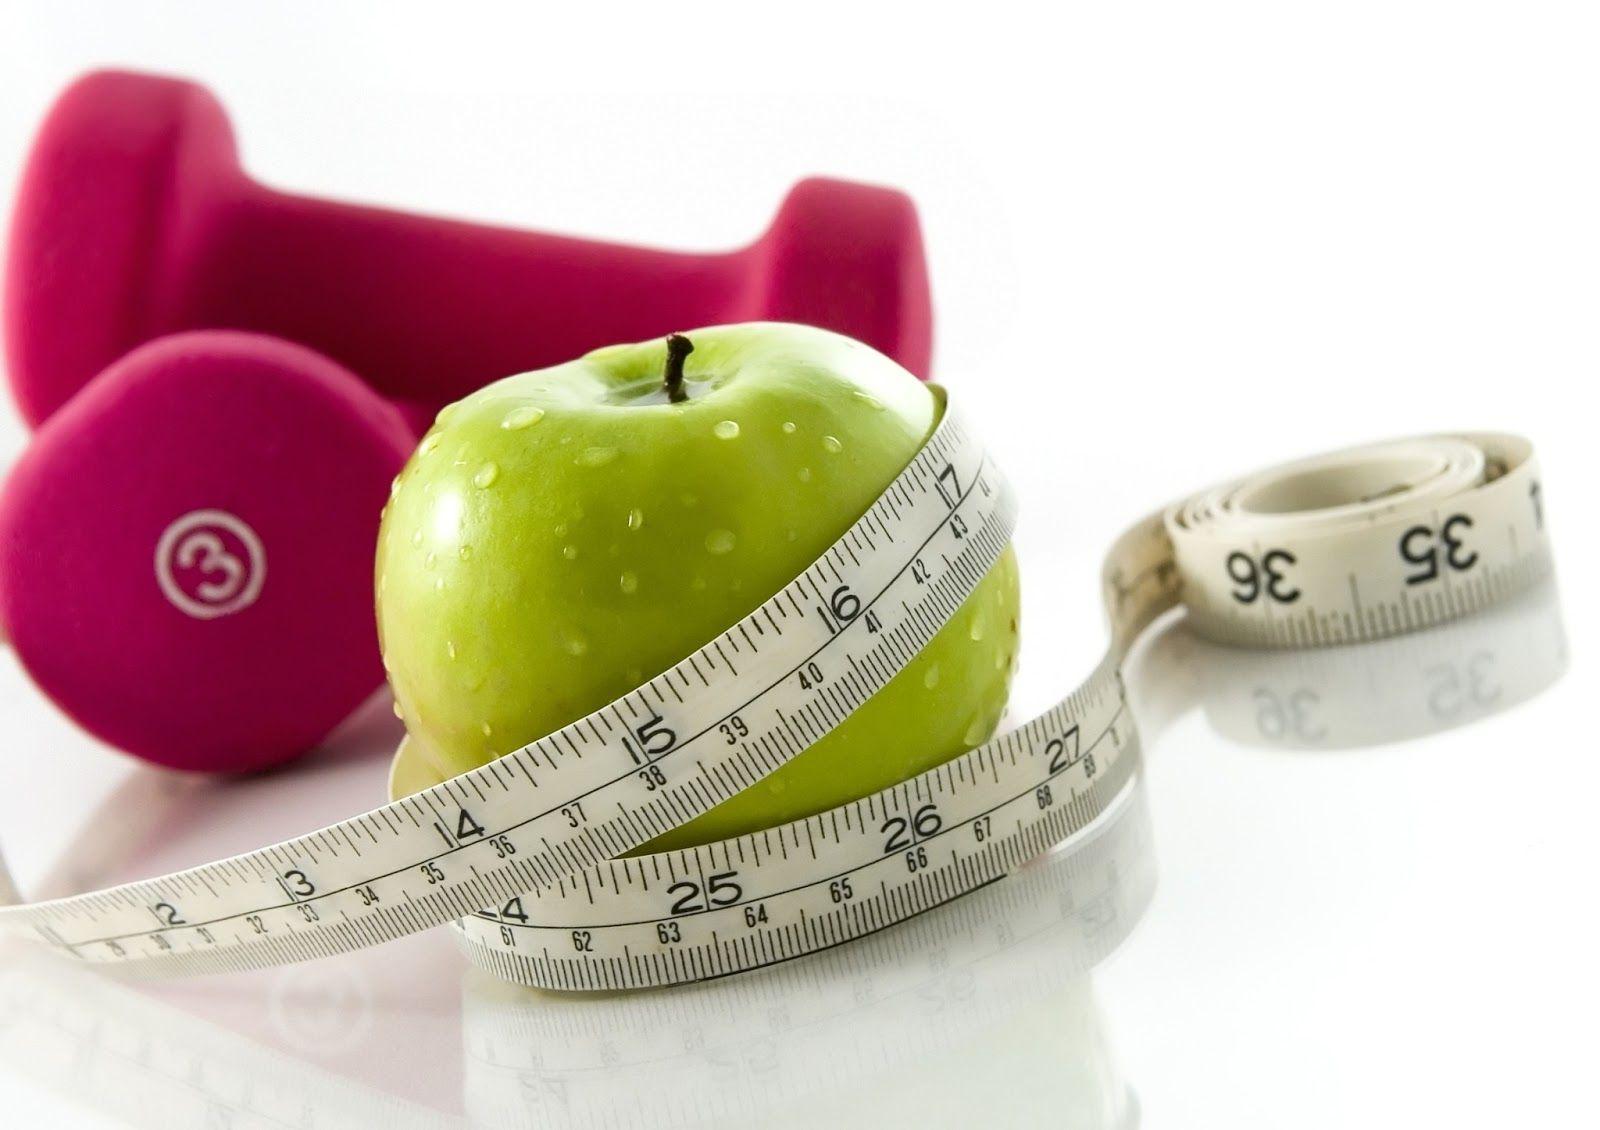 Para elegir al nutriólogo adecuado debes tener mucho cuidado y verificar muchos datos para que logres tu objetivo con mucha salud. http://blog.kiwilimon.com/2014/06/como-elegir-el-nutriologo-adecuado/